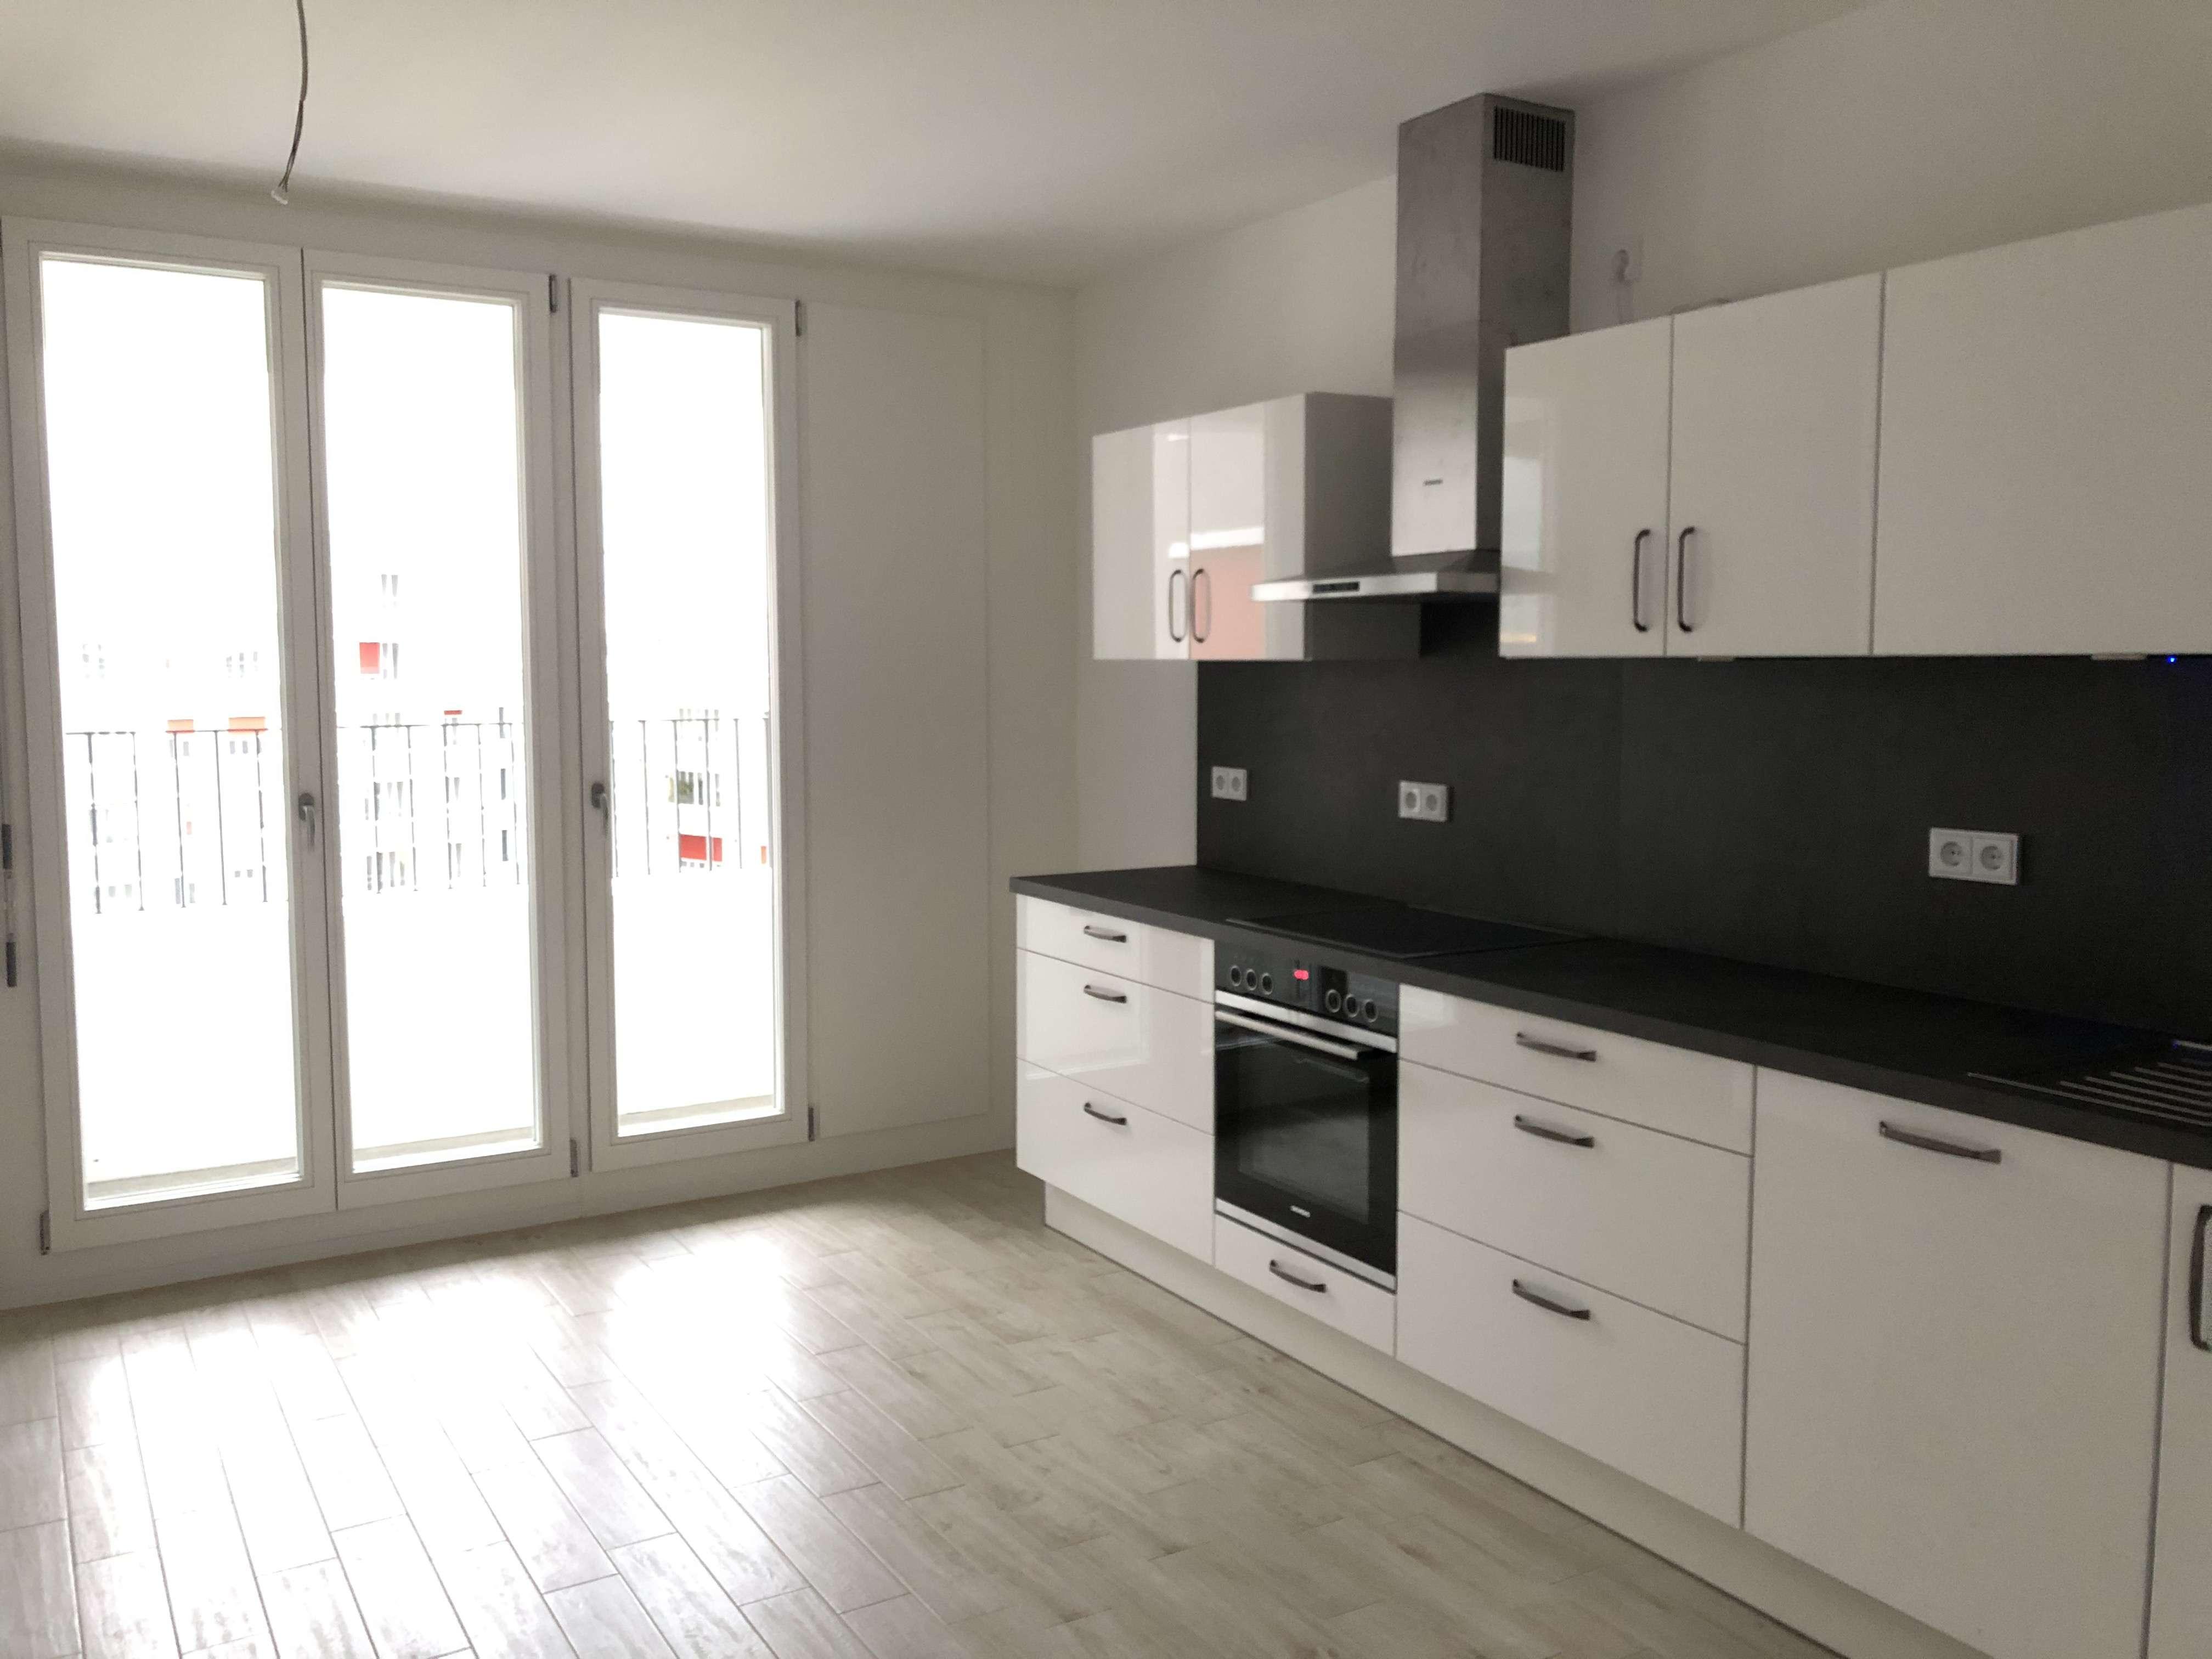 PASING-OBERMENZING (NEUBAU-ERSTBEZUG): 3-Zimmer-Wohnung mit schöner Einbauküche in Obermenzing (München)